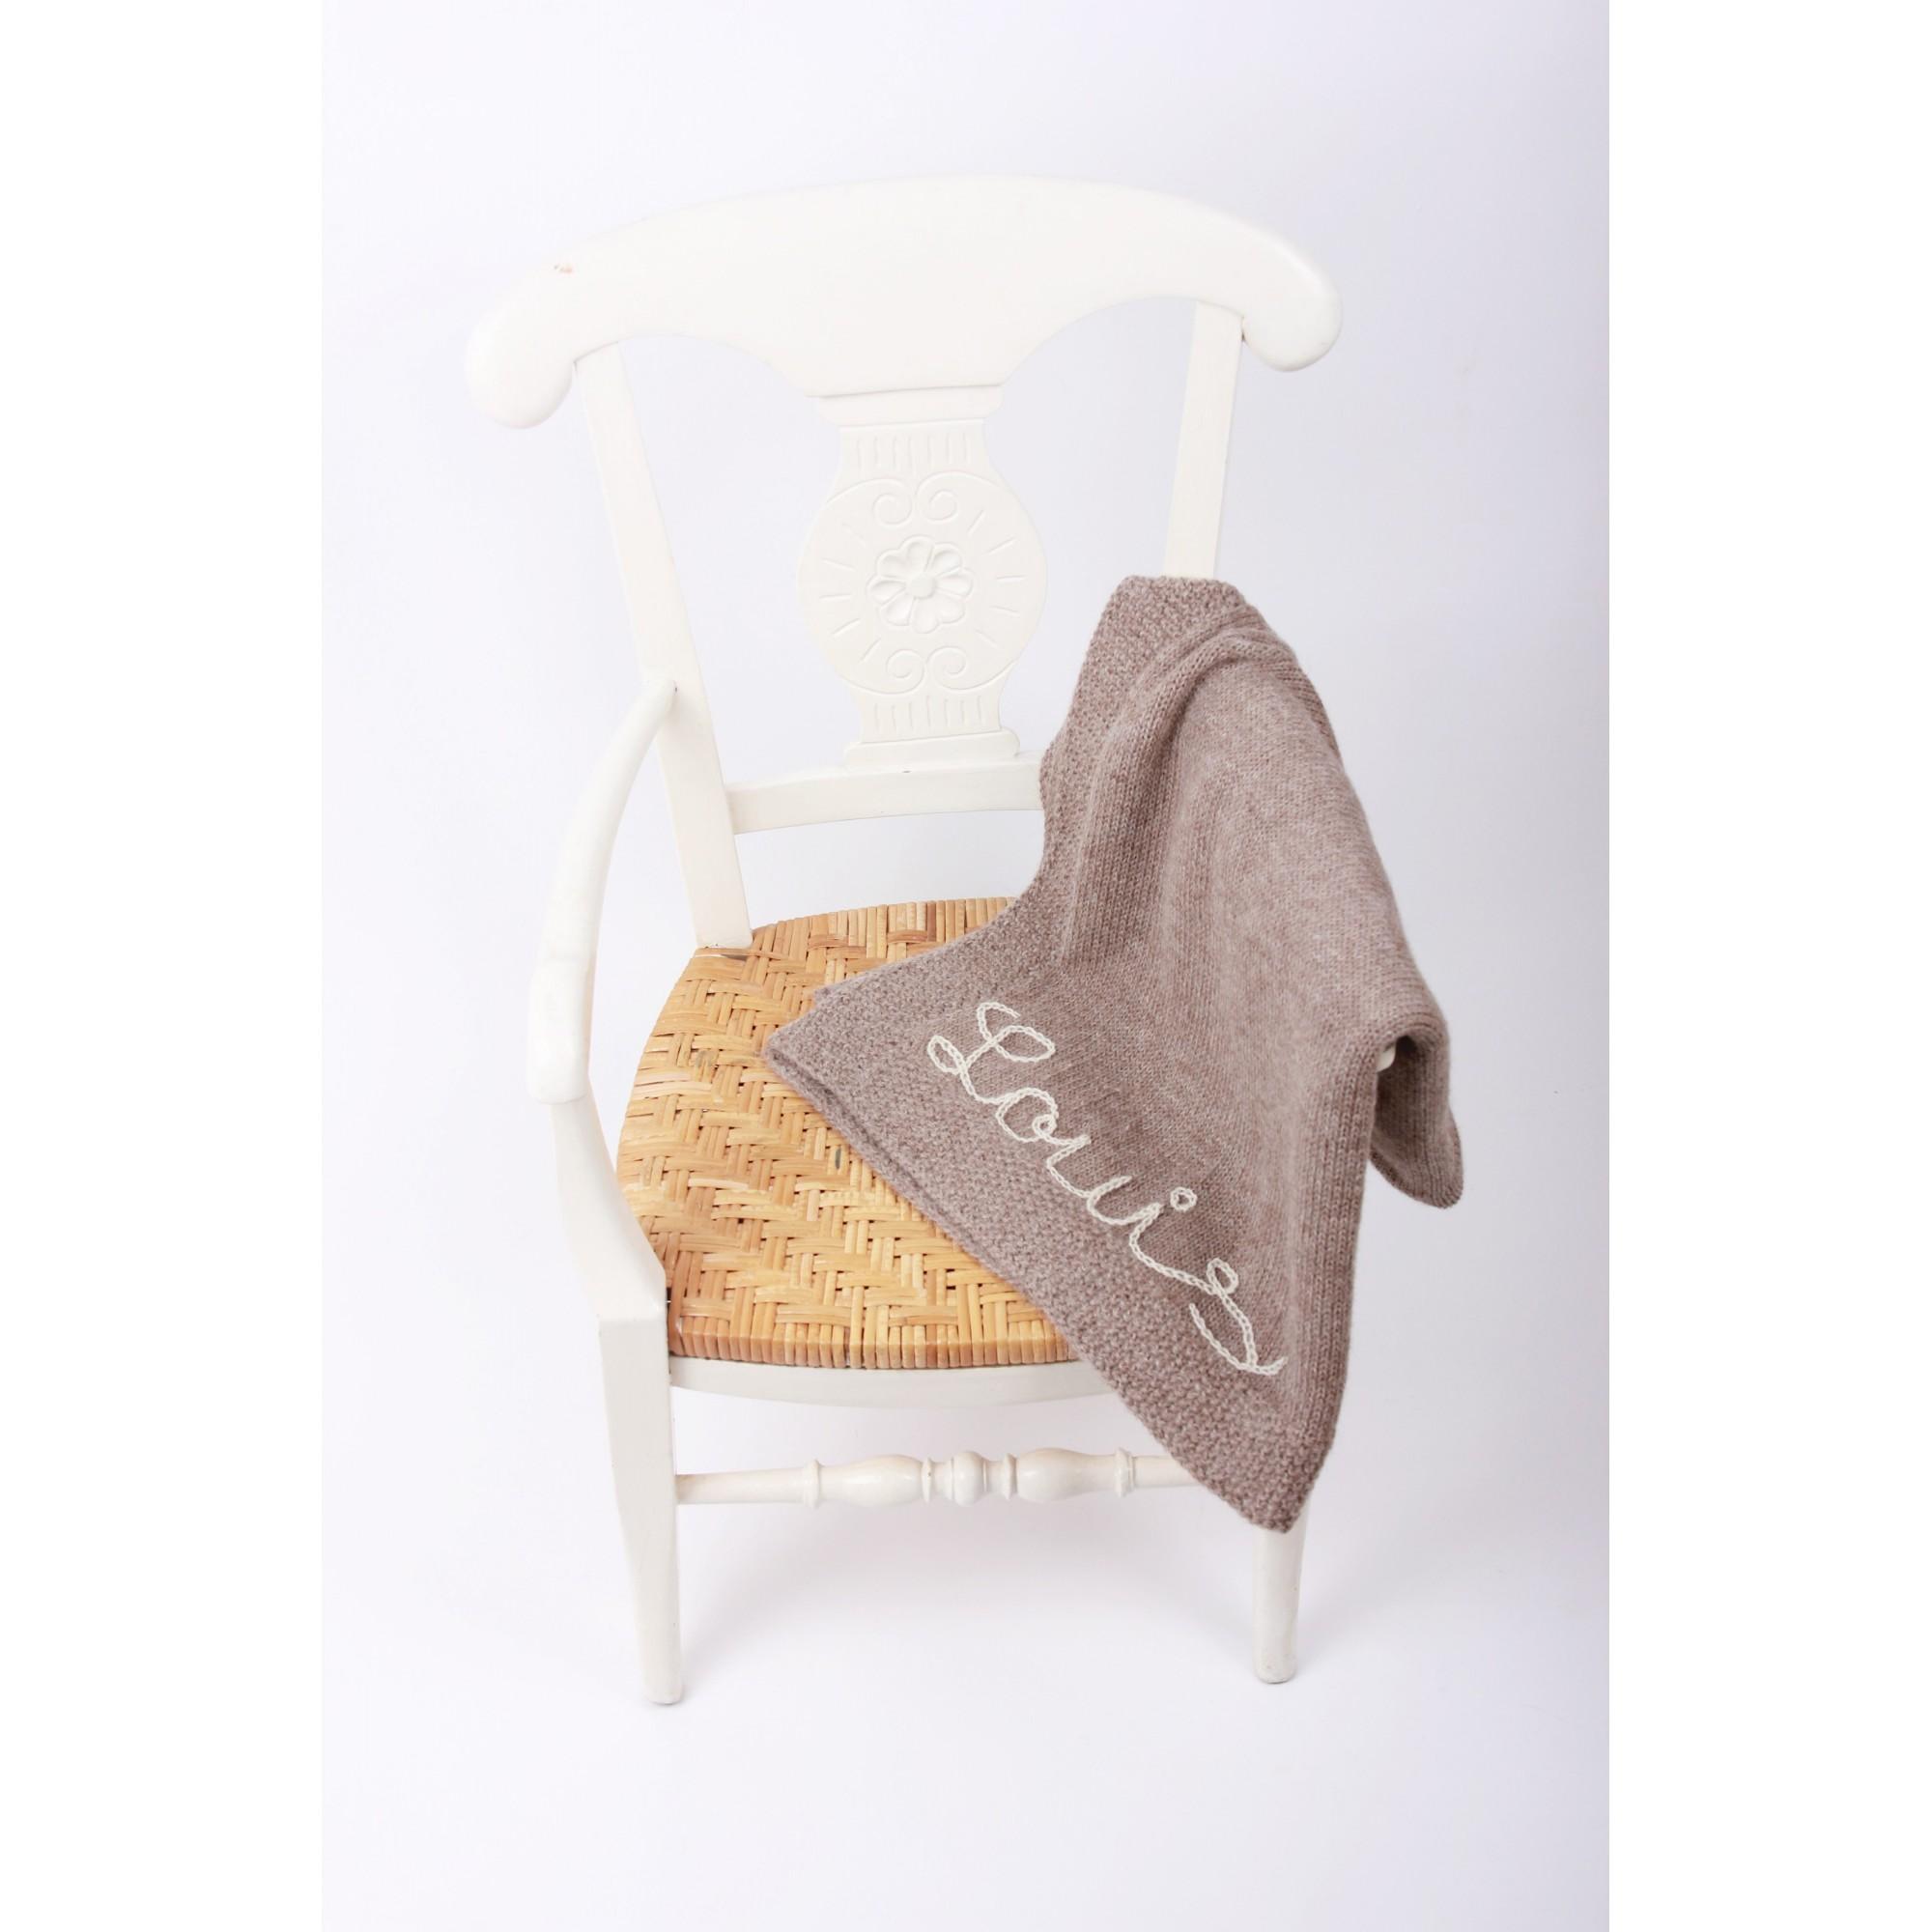 Couverture bébé chataîgne 100% laine d'alpaga brodée écru